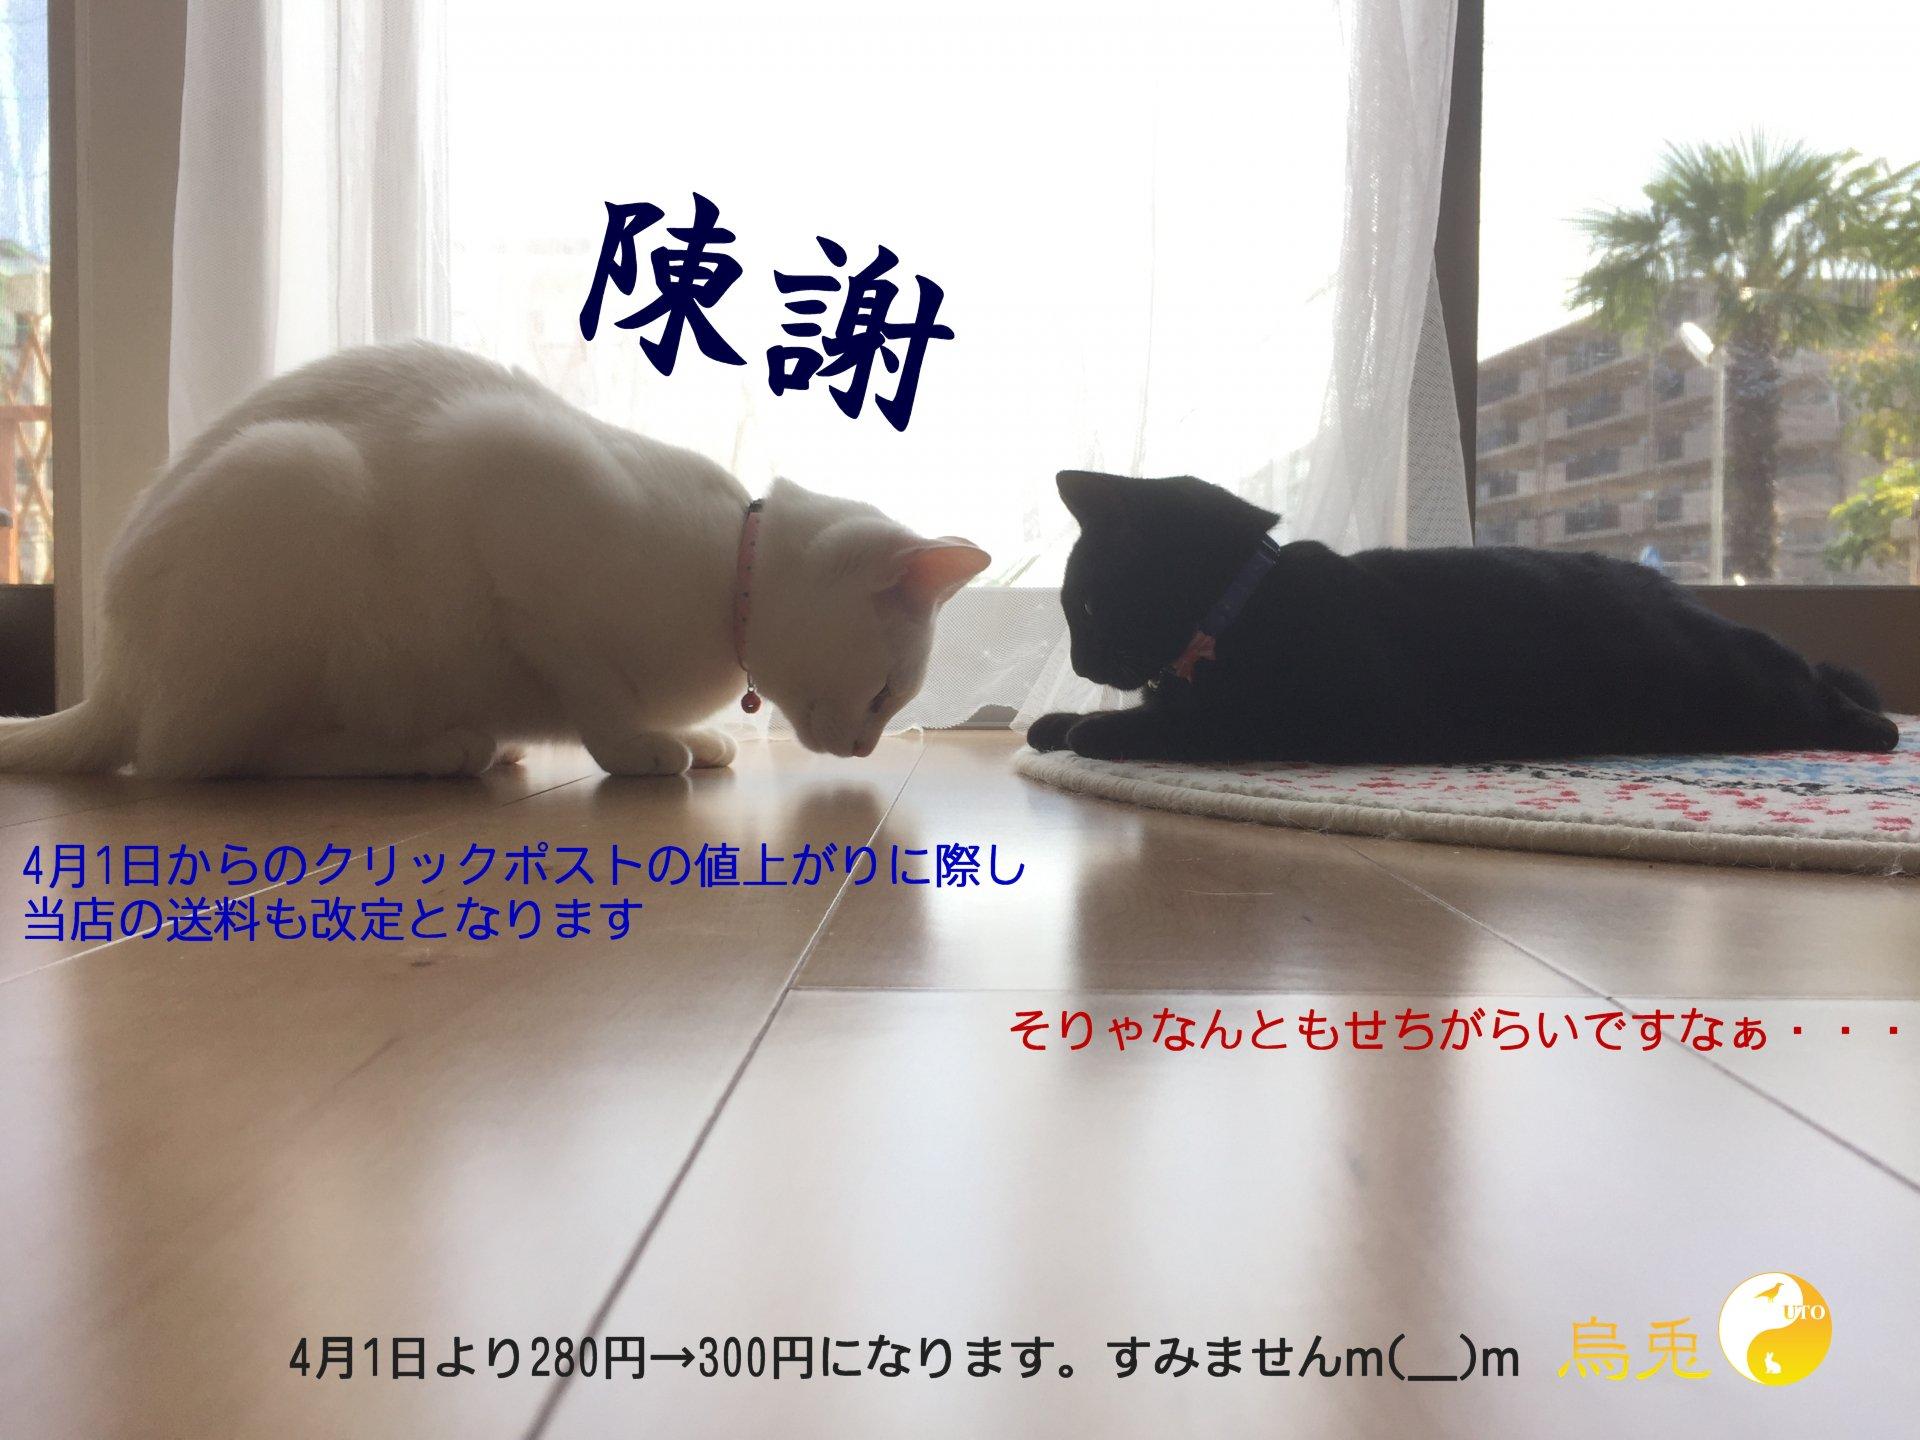 猫お詫び画像